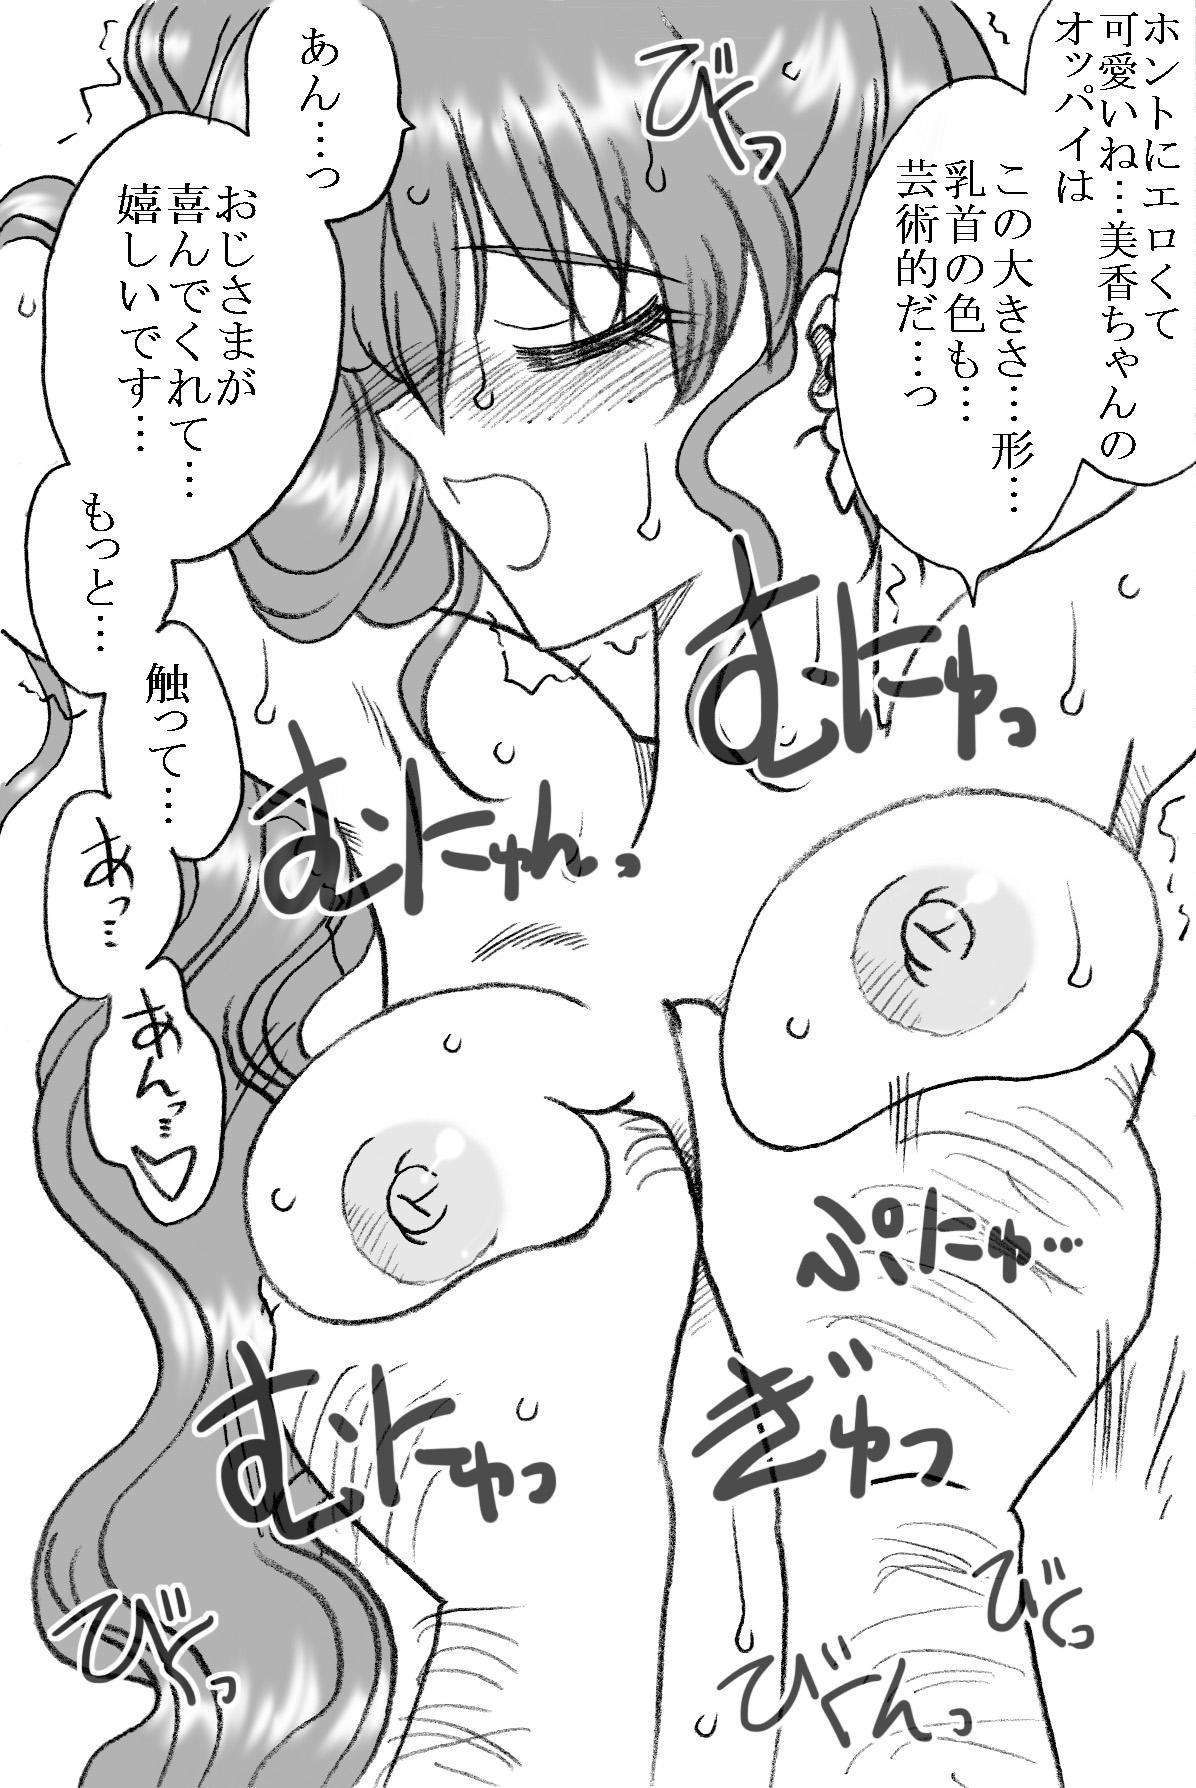 Mika-chan, Chichioya yori mo Toshiue no Ojisama to Ecchi sono 4 44